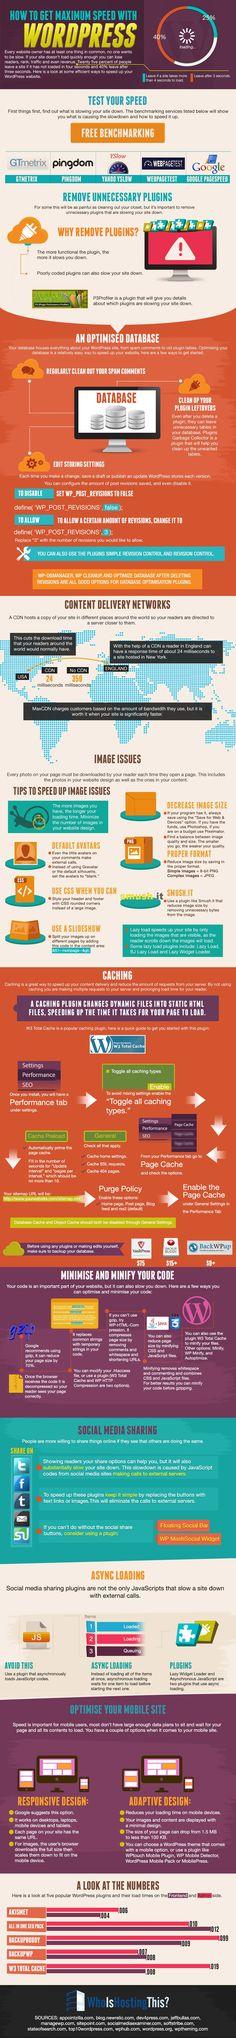 Améliorer le temps de chargement de WordPress : infographie